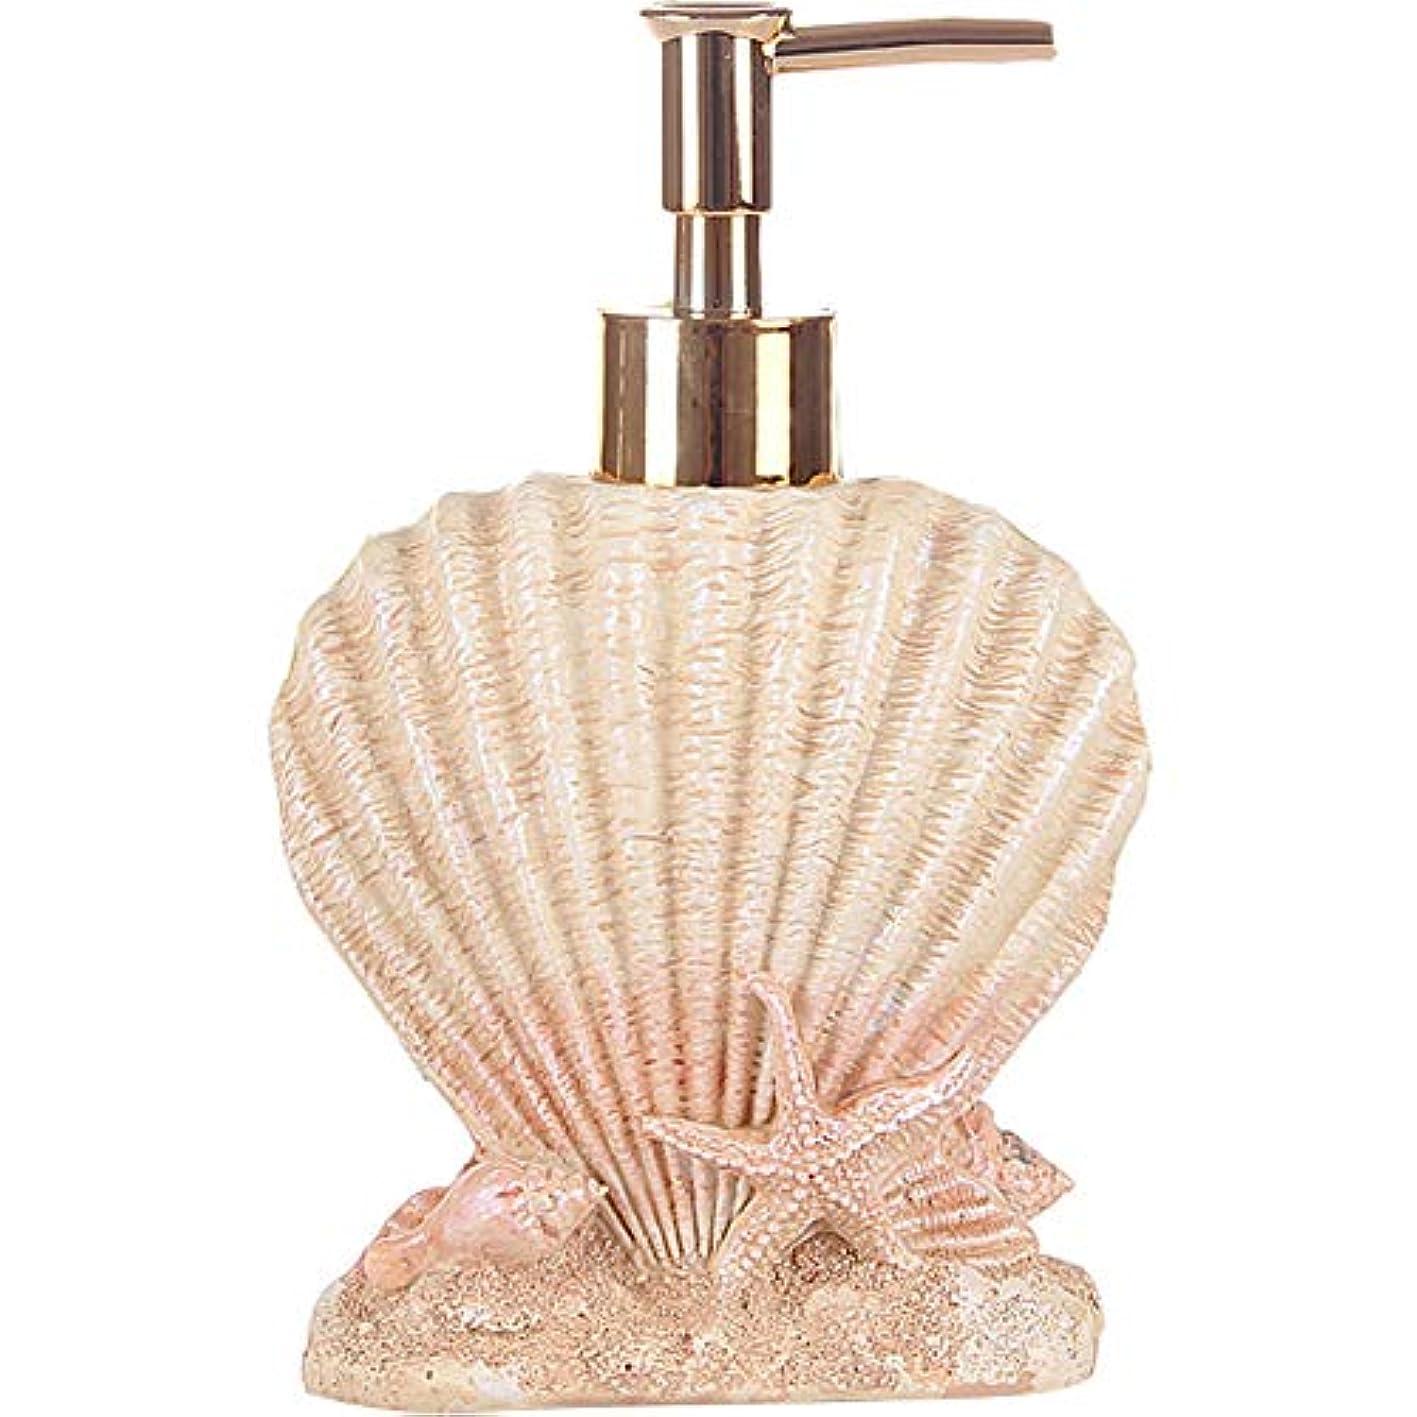 すずめ羽学士(Shell) - Creative Beach Shells European Style Hand Soap Liquid Bottles Resin Shampoo Dispenser (shell)